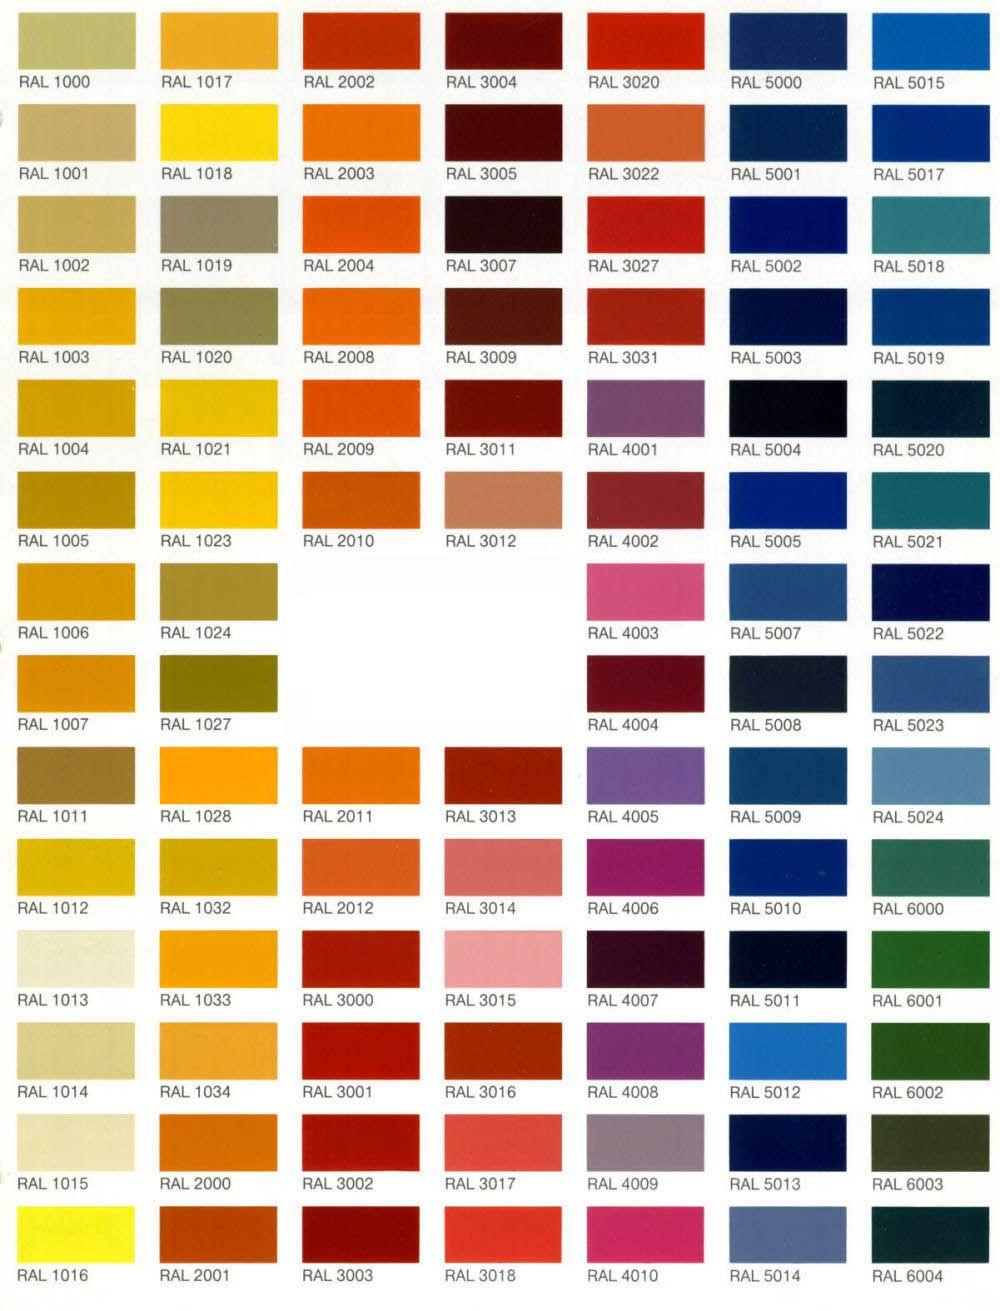 Entra ora nel sito ufficiale. Tabella Colori Per Esterni Case Colori Esterni Case Colori Esterni Colori Esterni Casa Colori